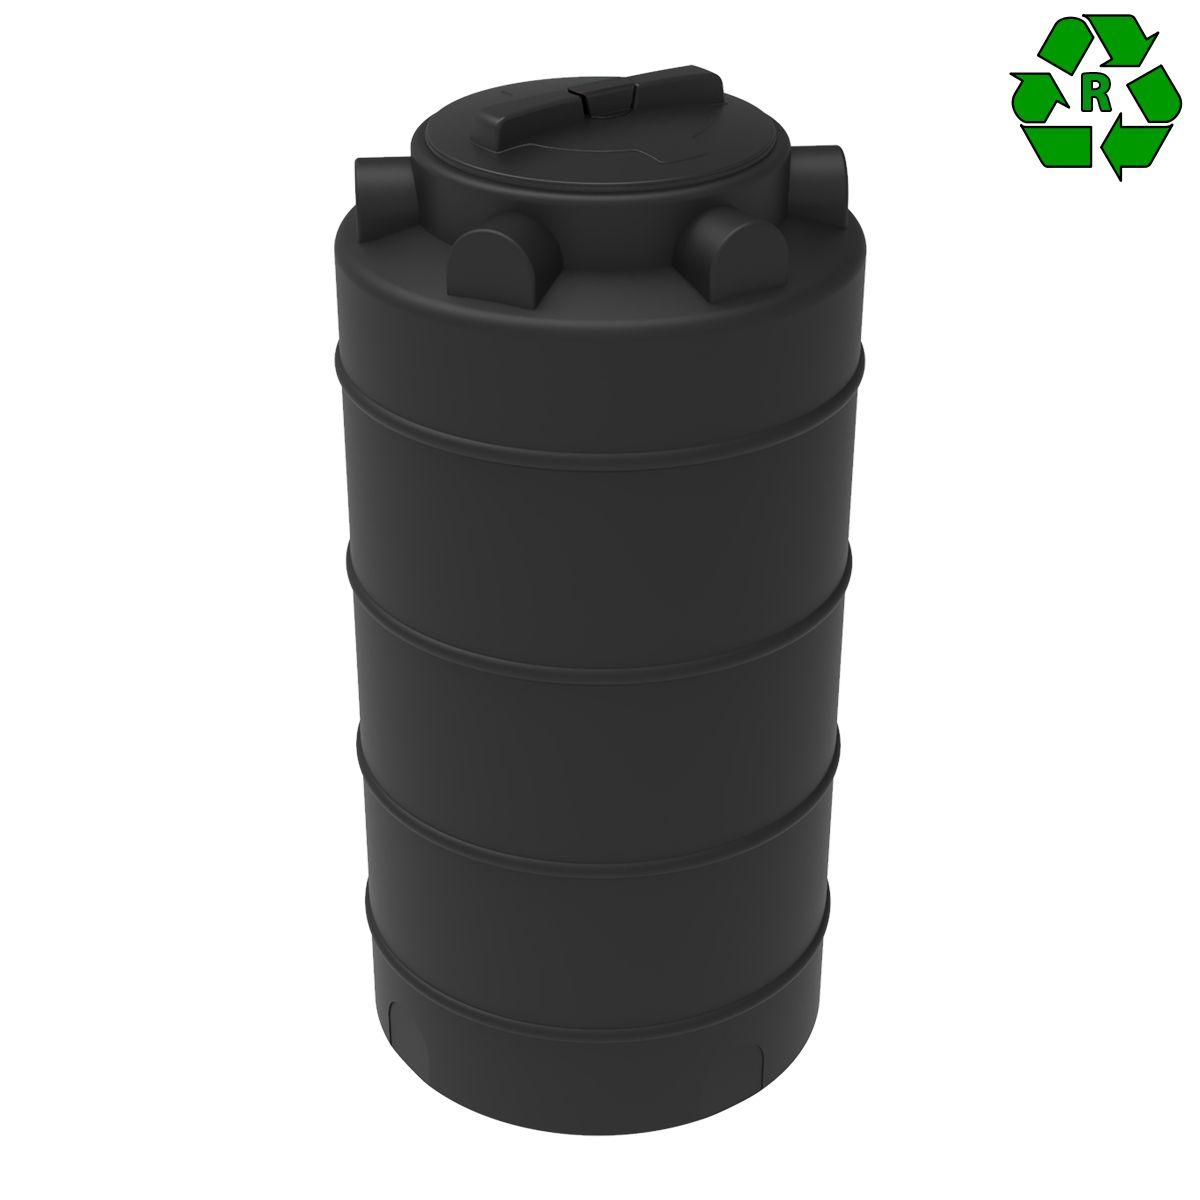 Емкость R ЭВЛ-Т 200 литров